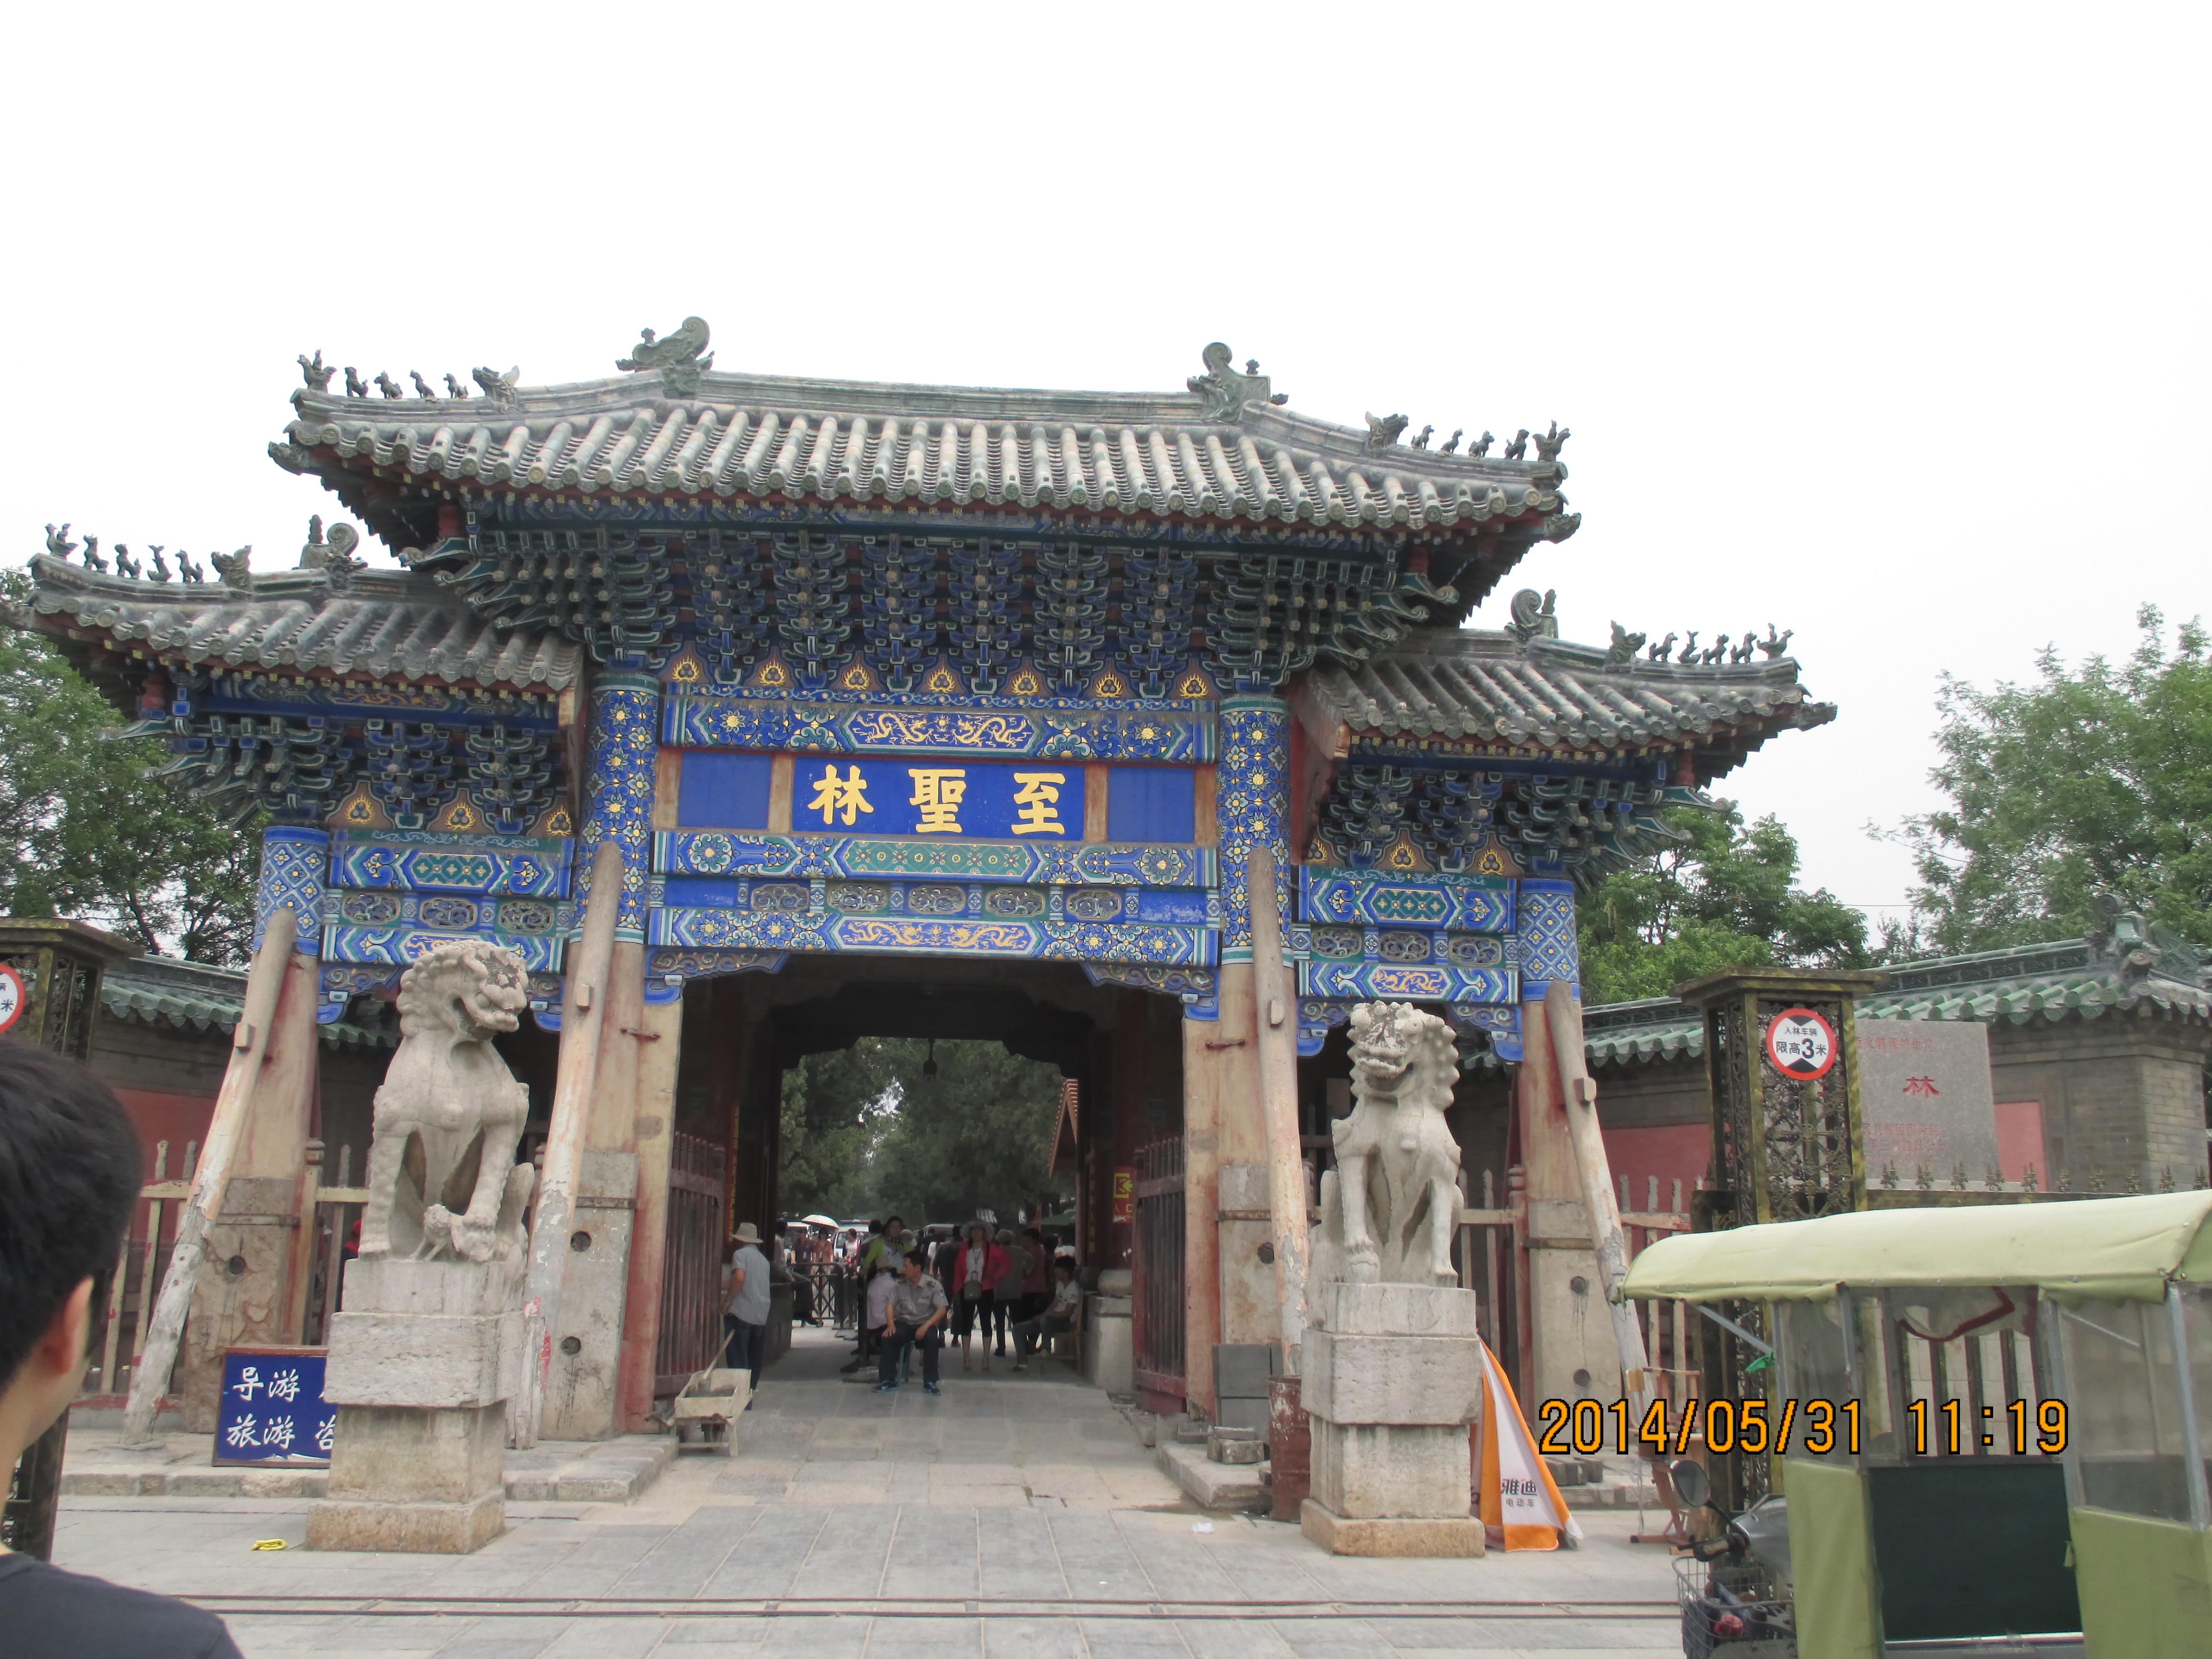 过几天我要从广州到曲阜旅游